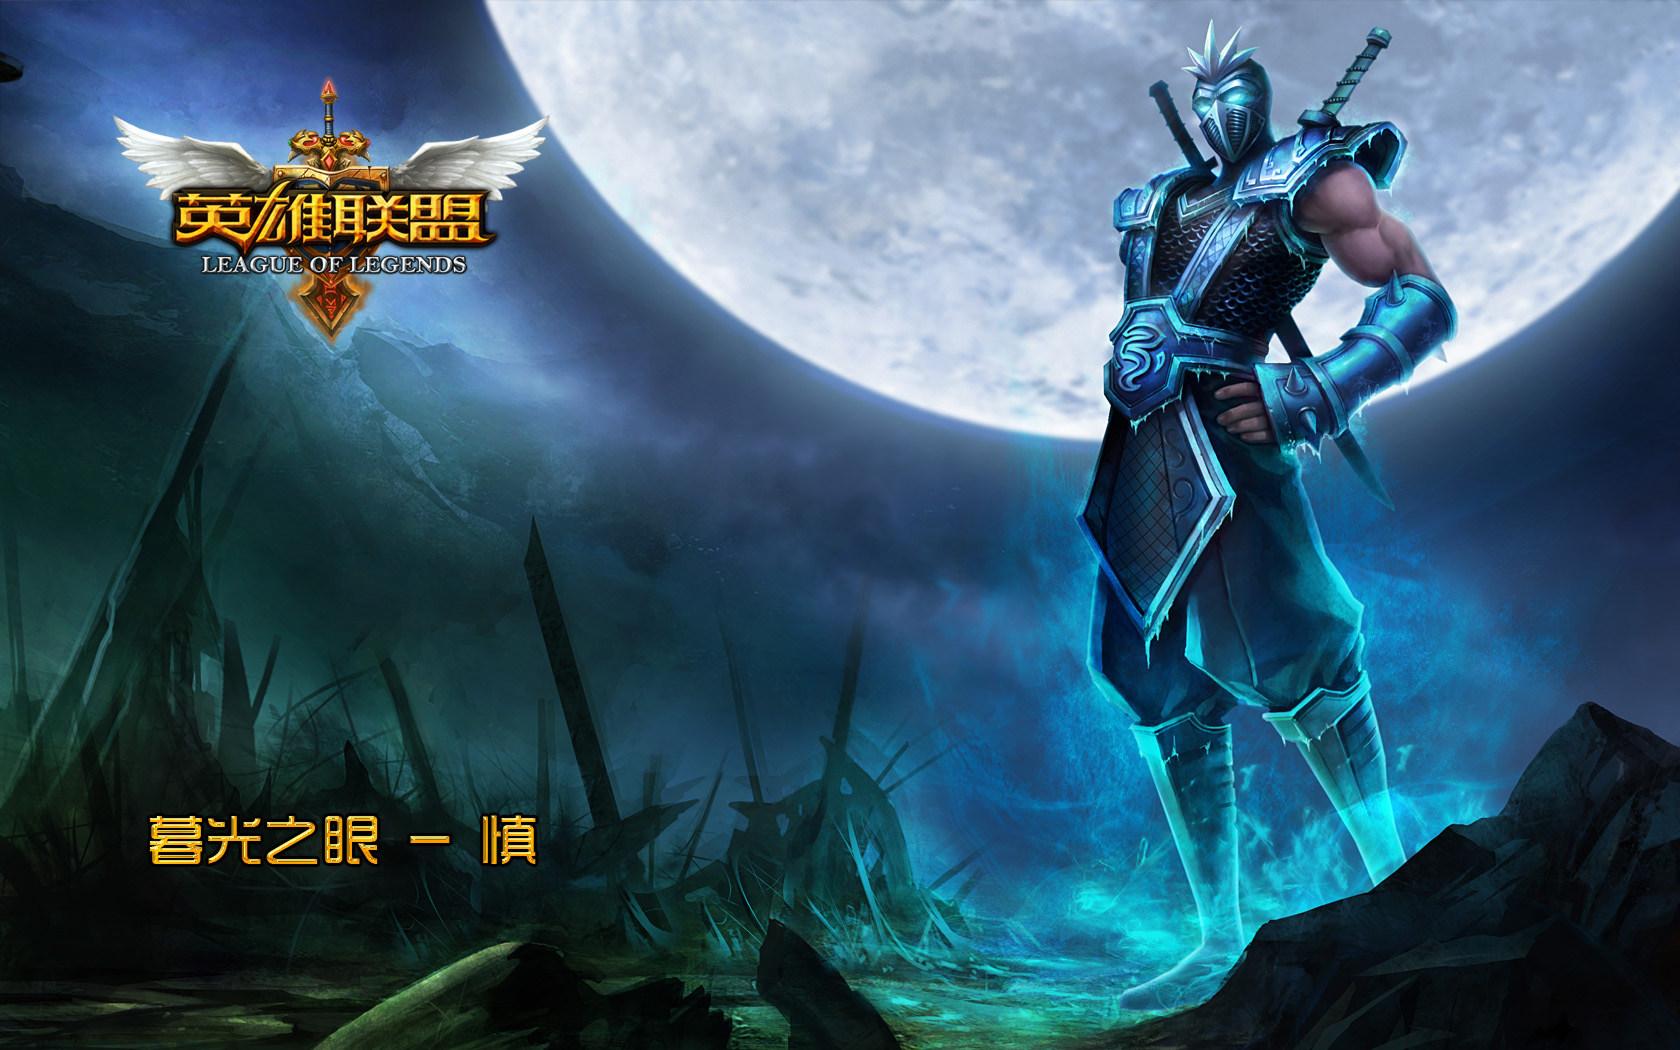 精美壁纸-英雄联盟官方网站-腾讯游戏